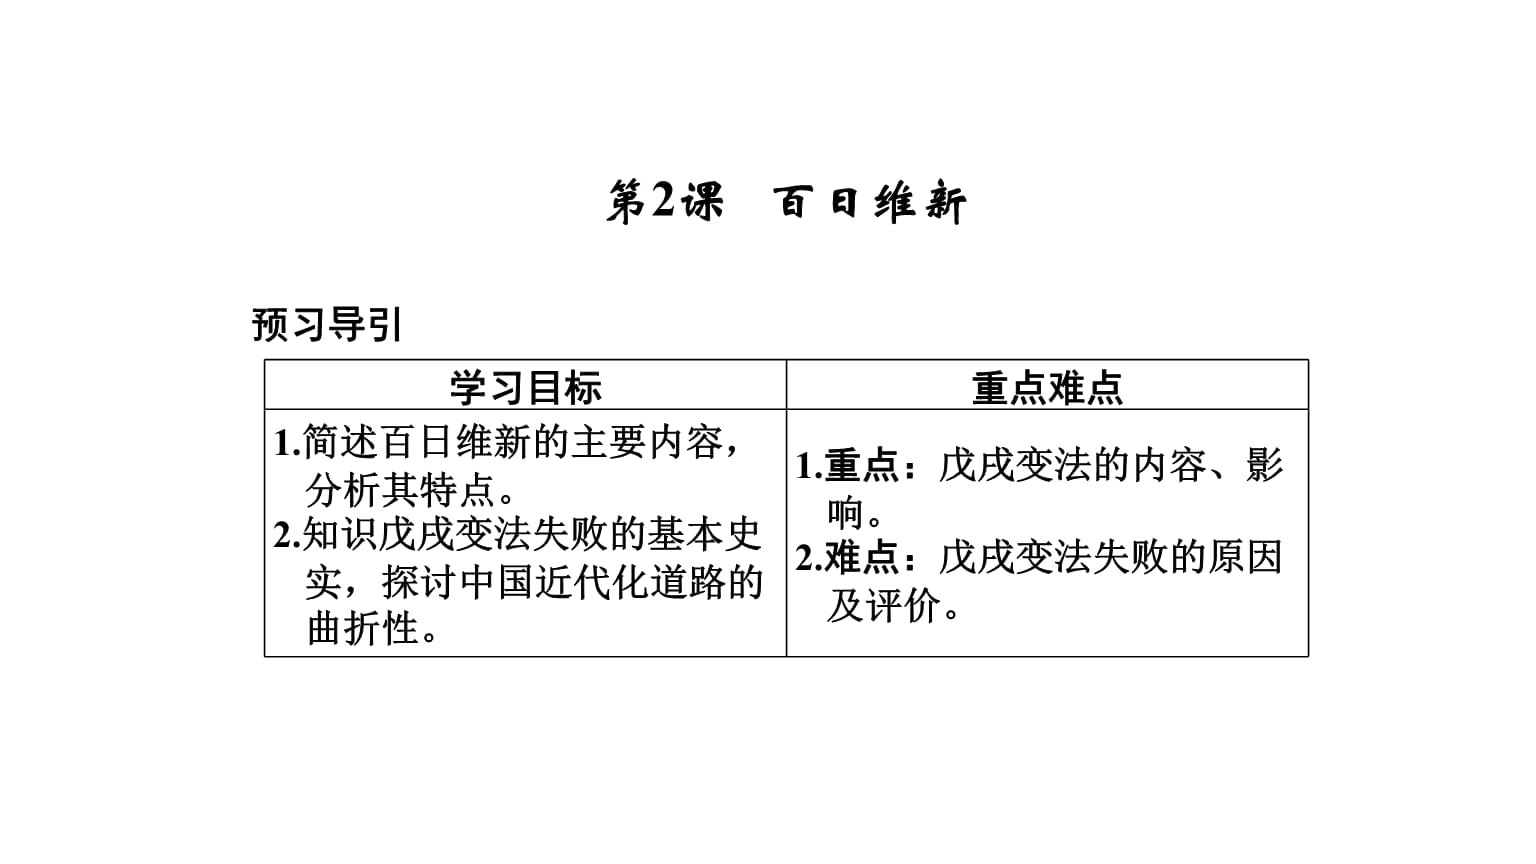 人民版高中历史选修一 专题九戊戌变法9.2《百日维新》.ppt